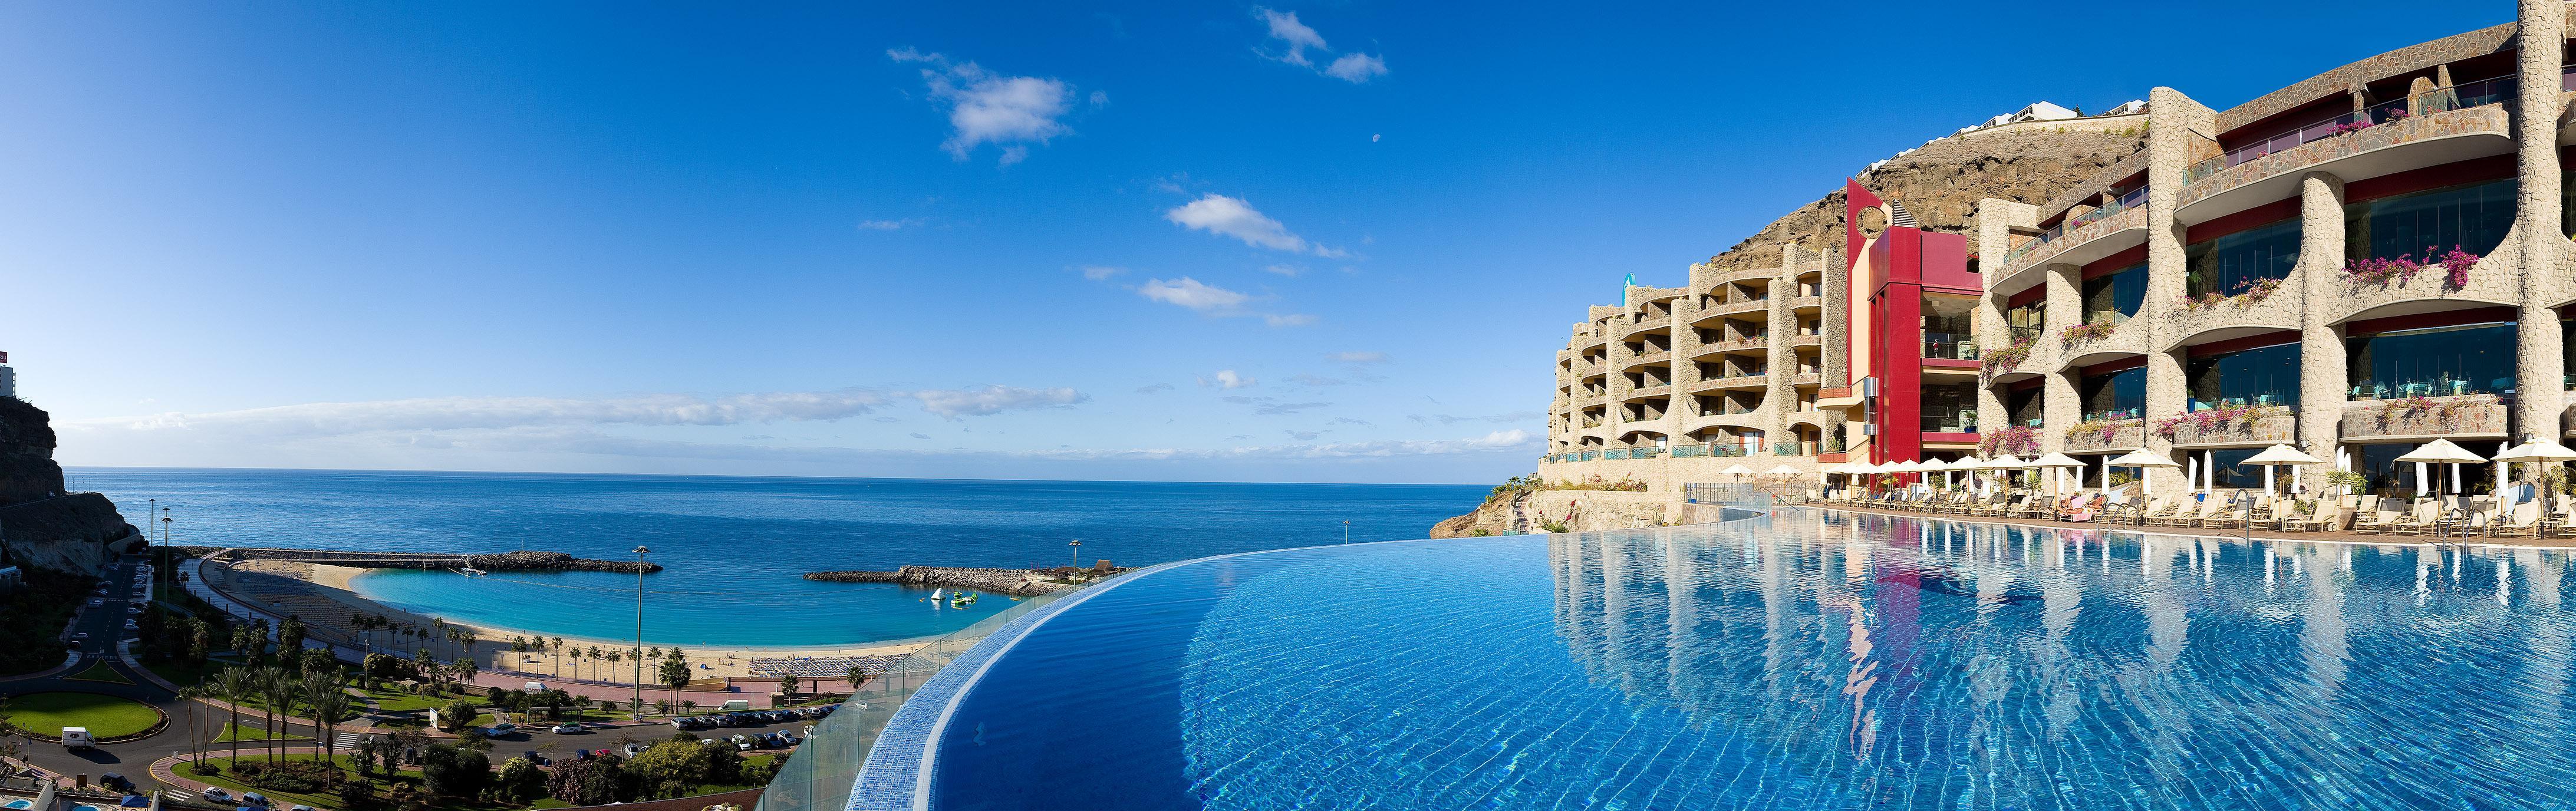 Hotel Oceano Atlantico